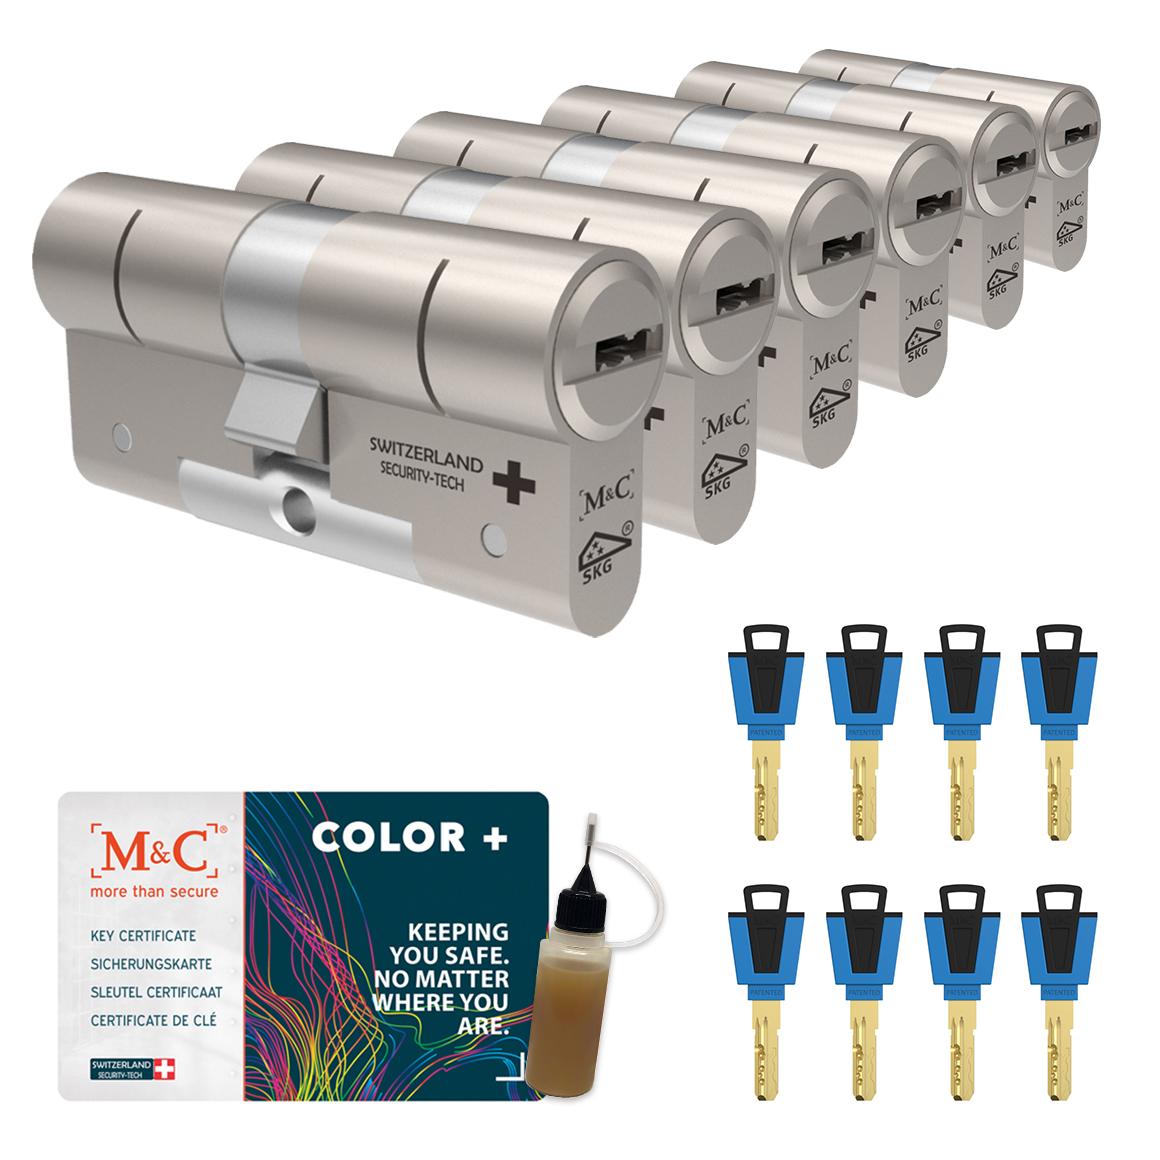 Afbeelding van Cilinderslot M&C Color+ (6 stuks)